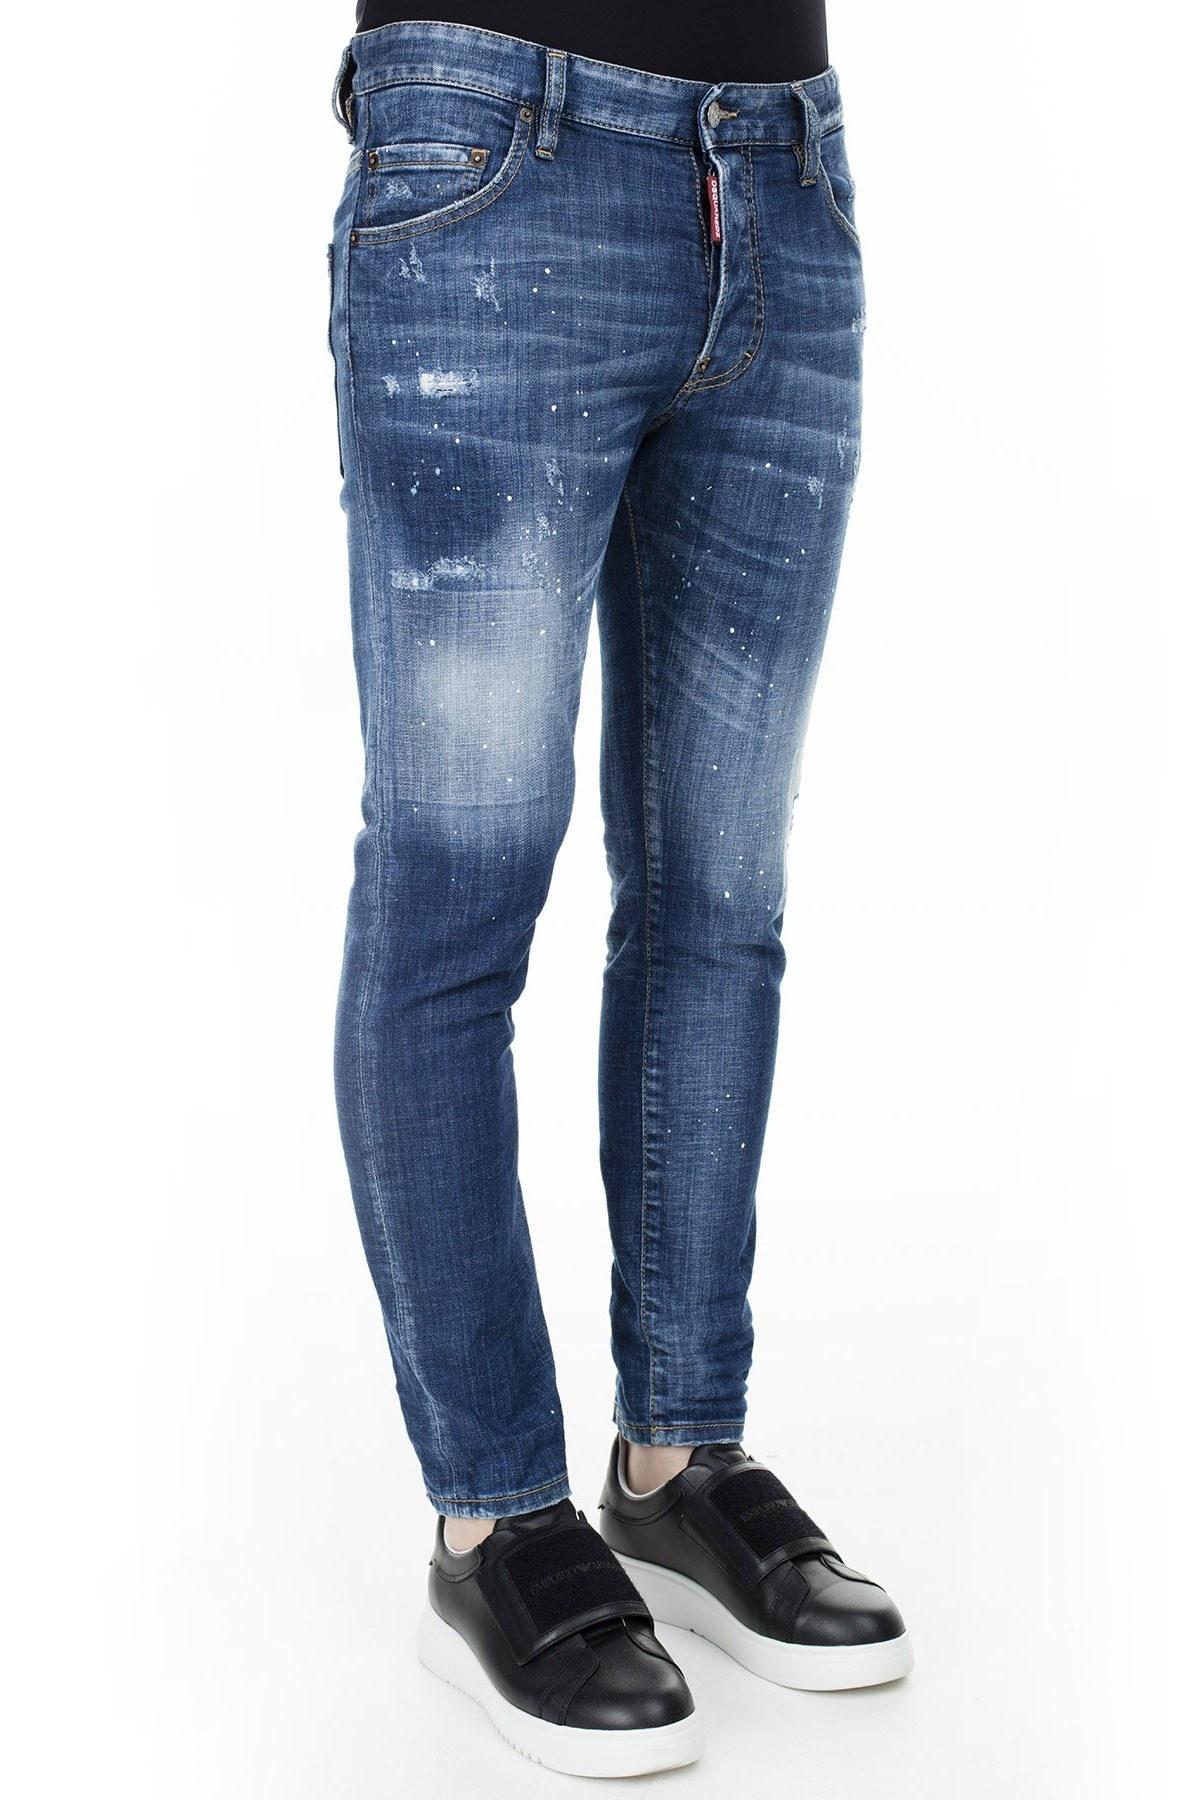 Dsquared2 Jeans Erkek Kot Pantolon S74LB0673 S30342 470 LACİVERT